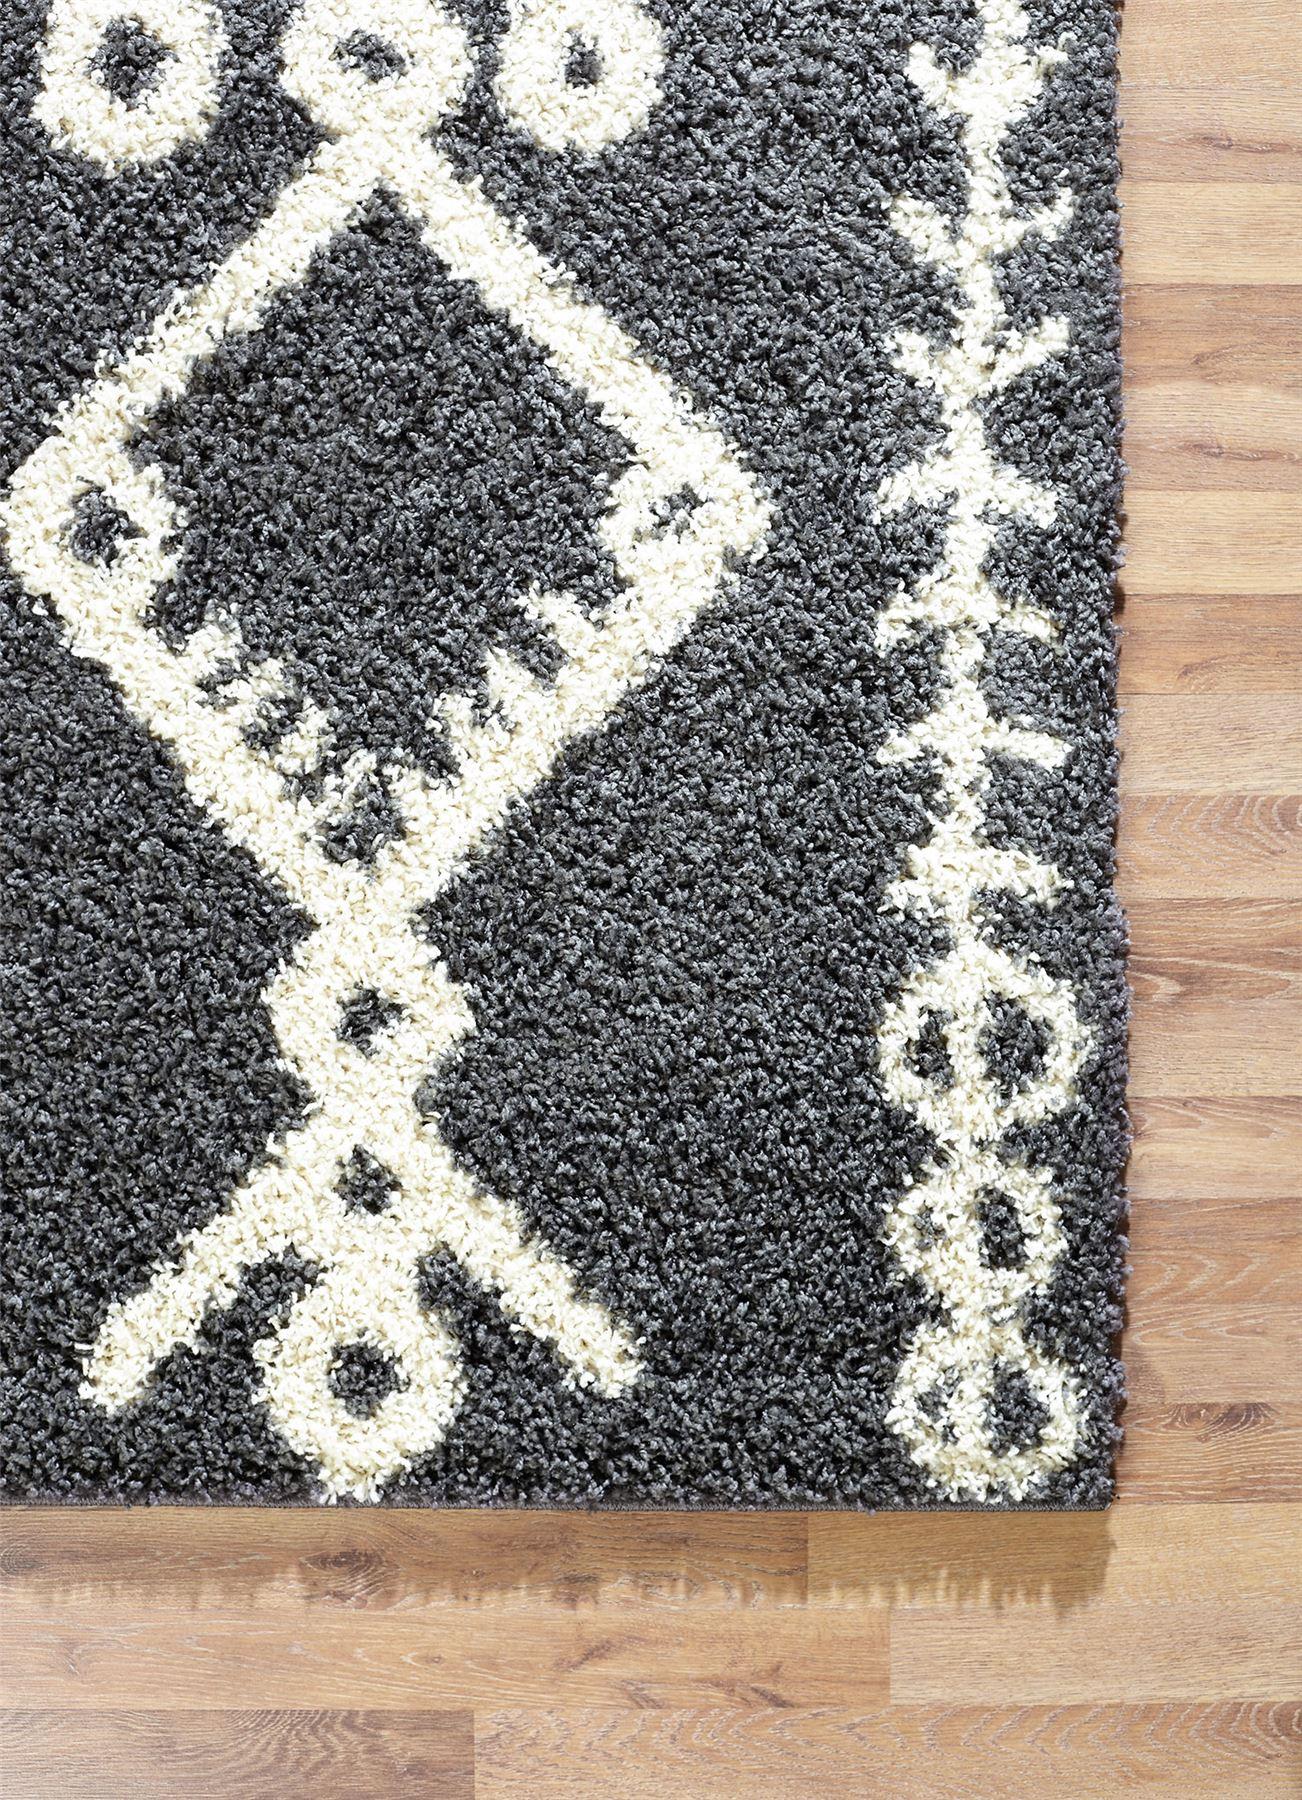 Tappeto-A2Z-Nero-Grigio-Avorio-tradizionale-marocchina-Shaggy-Berber-Boho-Tribal-3cm-Pile miniatura 25